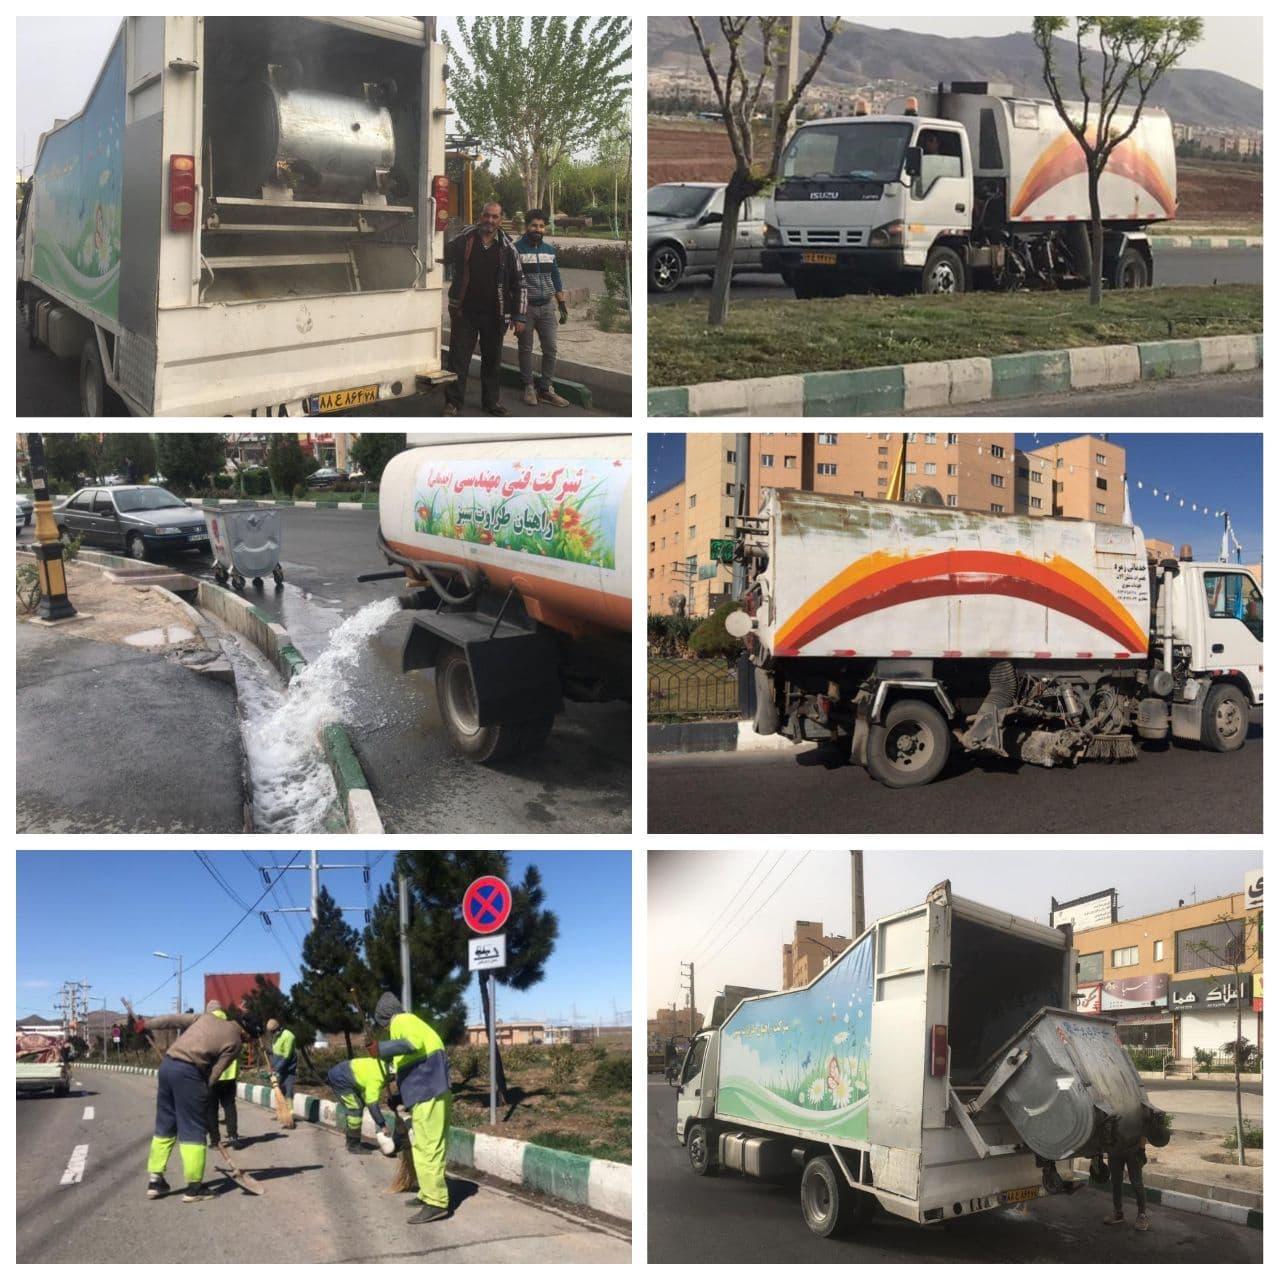 طرح جهادی نظافت و پاکسازی شهر پرندآراستگی و بهداشت محیط شهری از اولویت های مهم شهرداری پرند